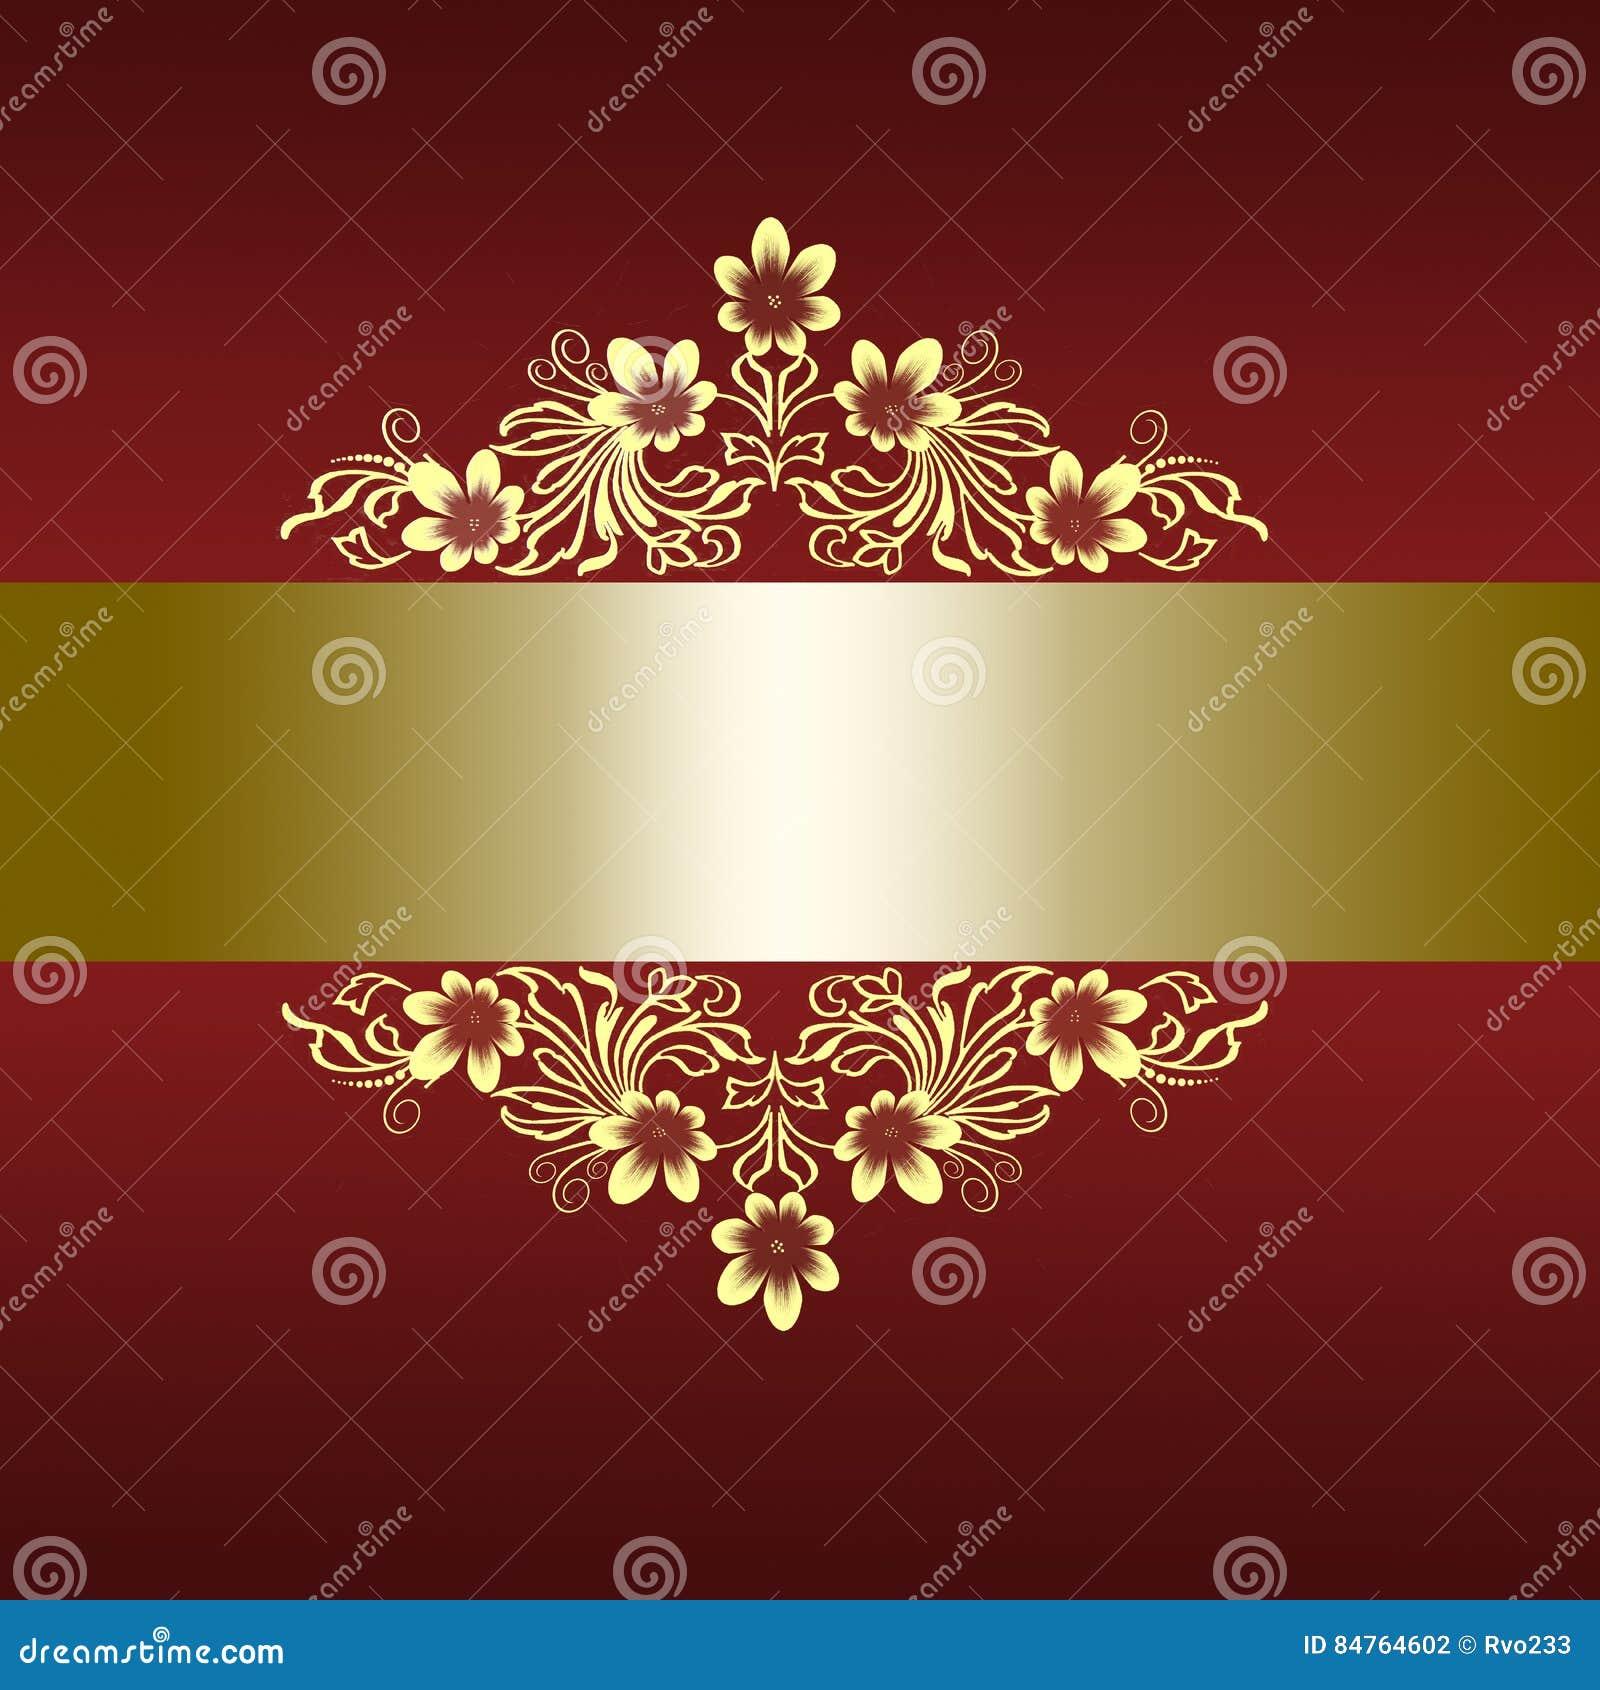 Elegant Red Border With Golden Floral Ornament Stock Illustration ...